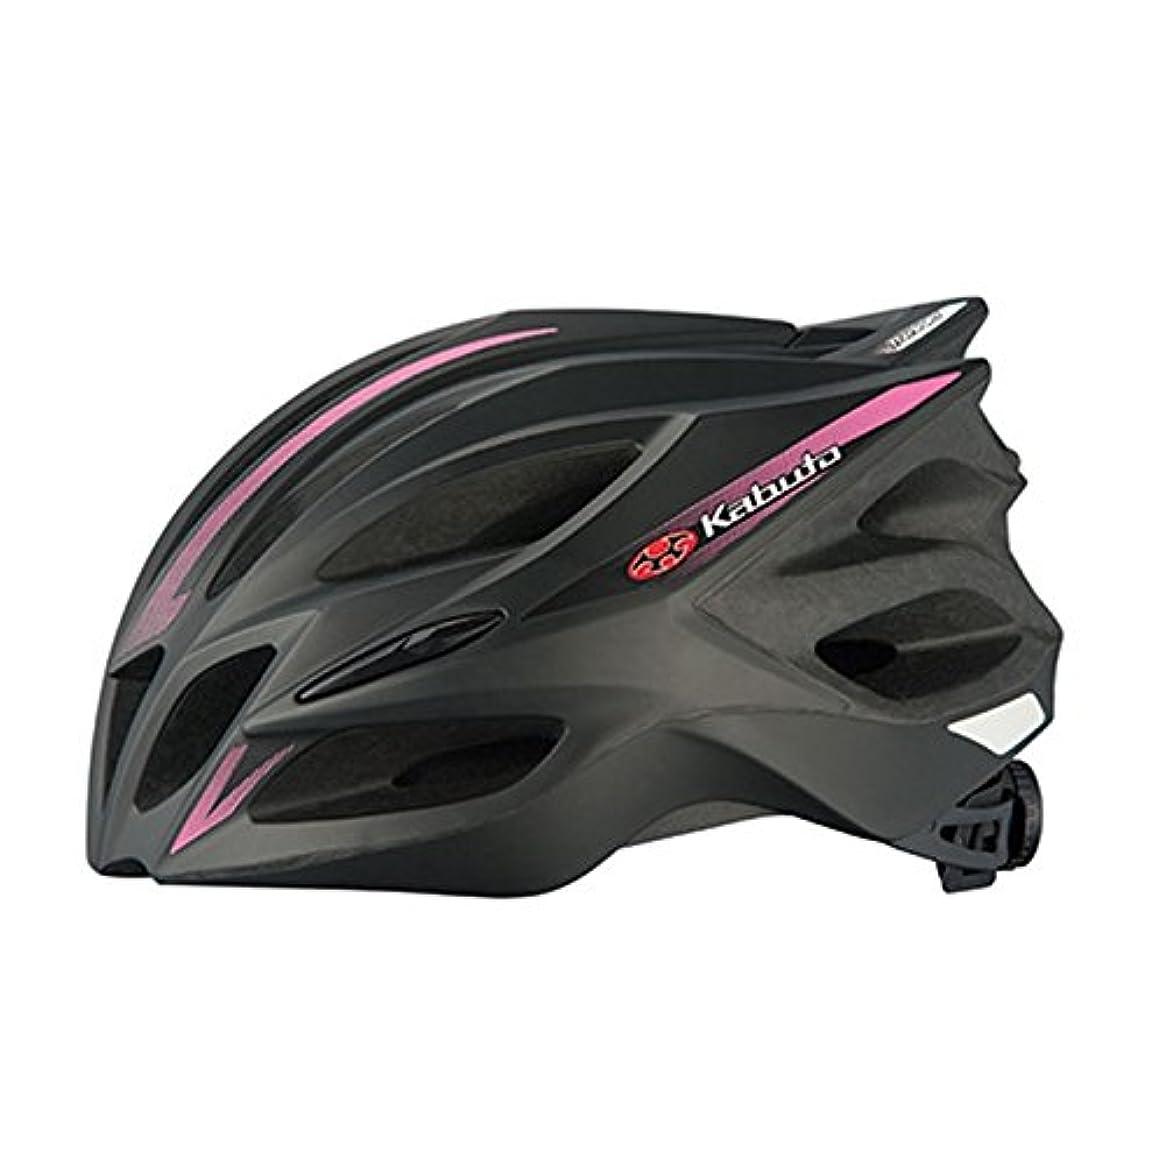 生除外する印象的OGK KABUTO(オージーケーカブト) ヘルメット TRANFI マットブラックピンク サイズ:L/XL